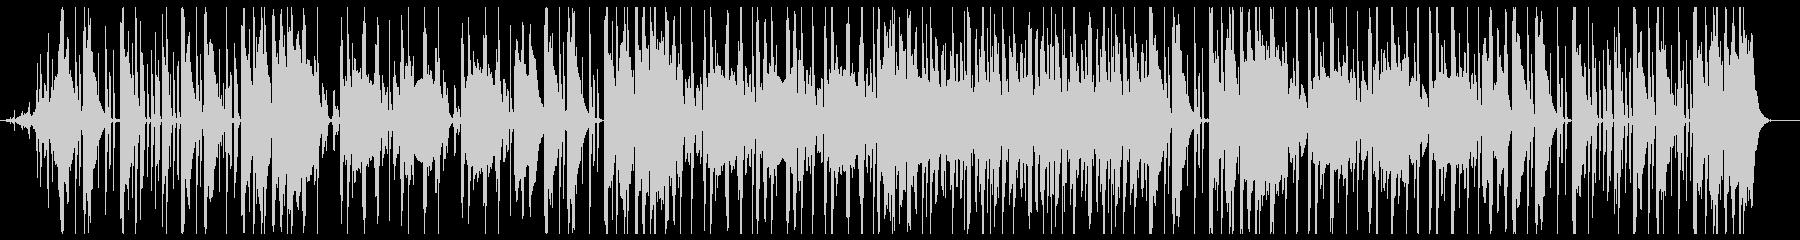 フュージョン ジャズ ファンク H...の未再生の波形